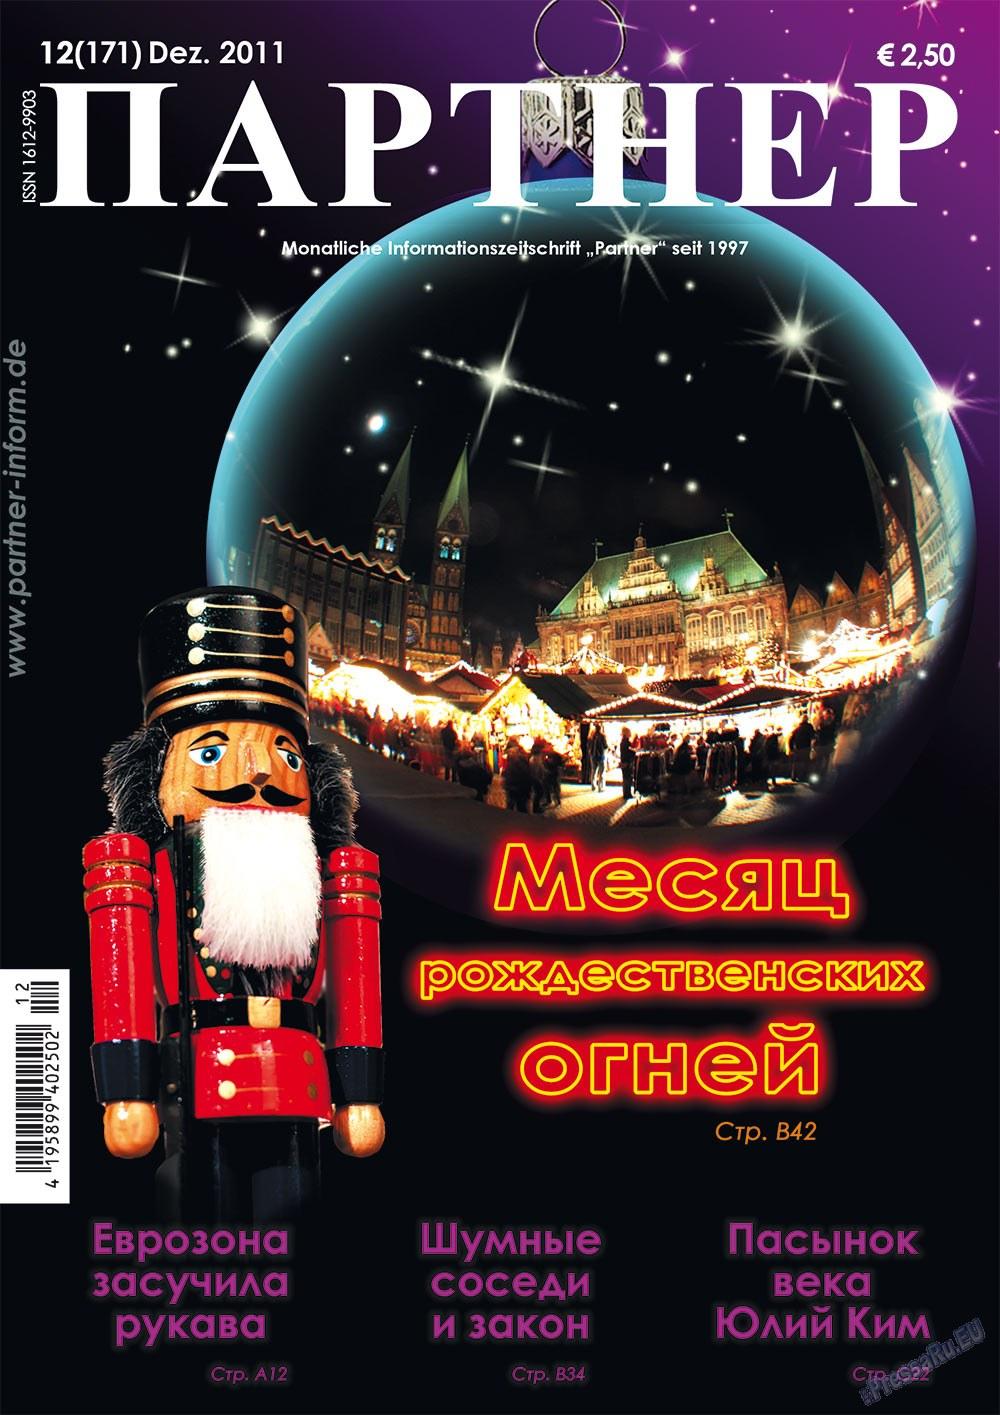 Партнер (журнал). 2011 год, номер 12, стр. 1